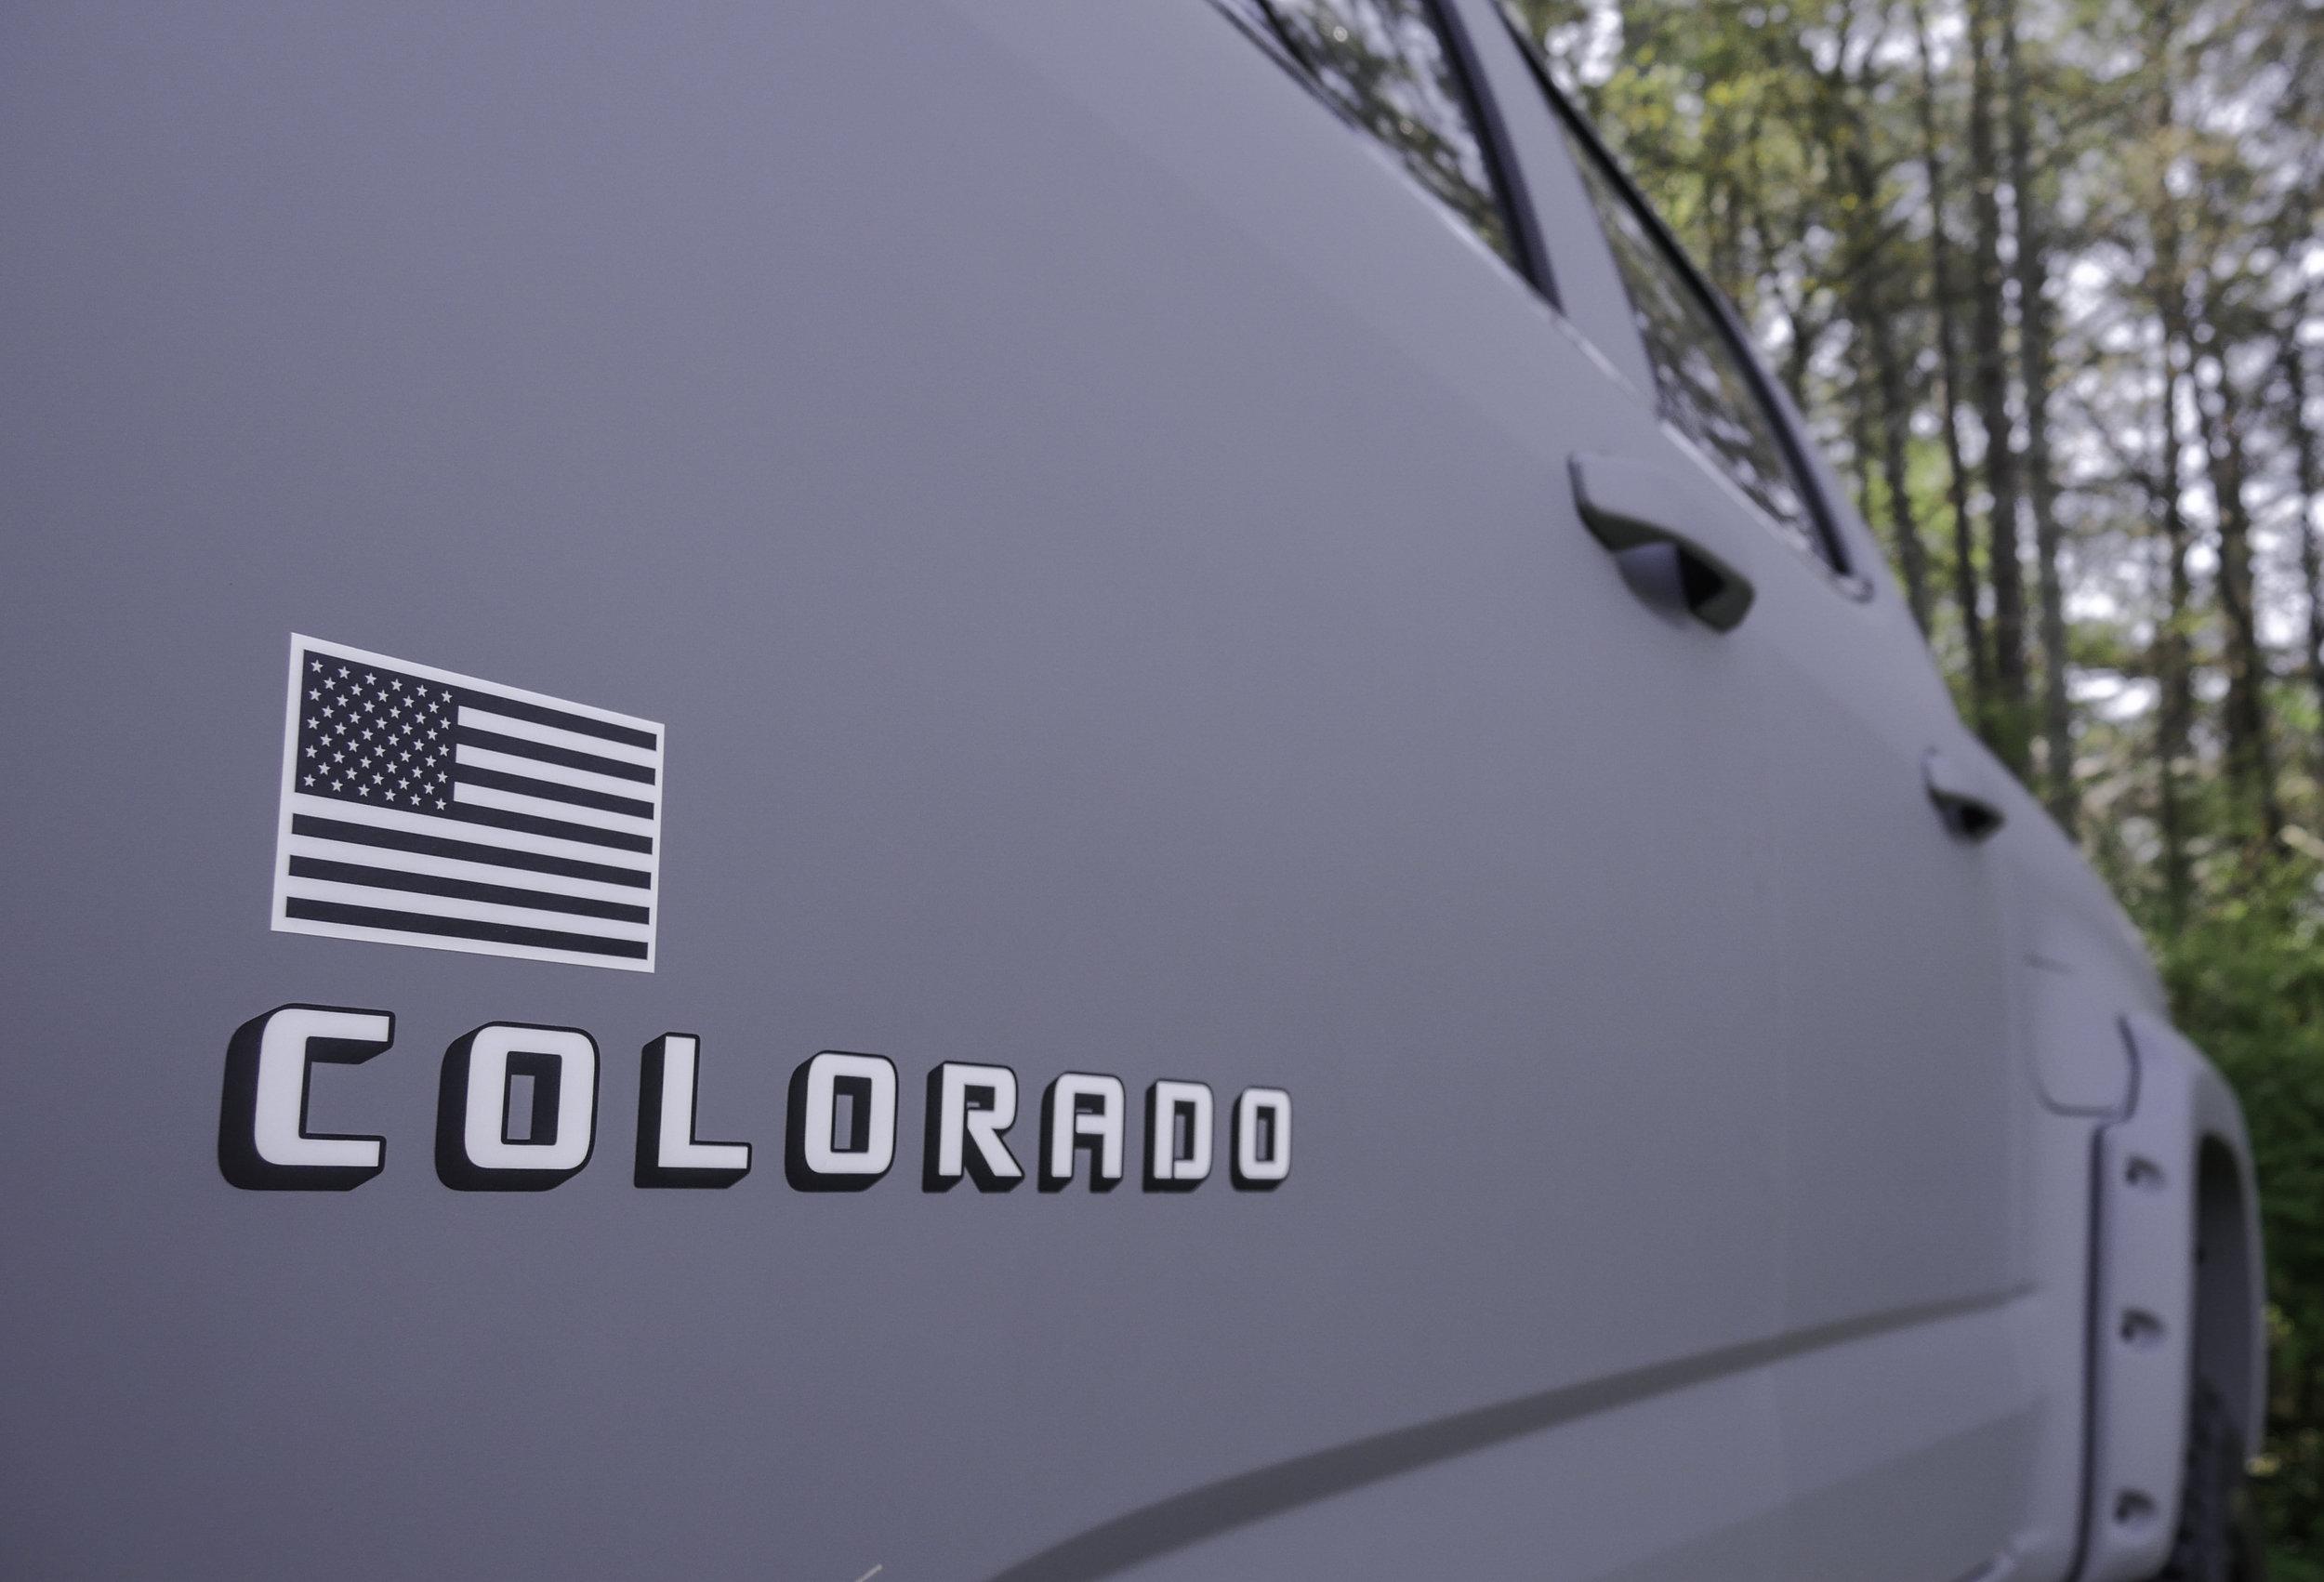 Chevy Colorado AFBW Front Badge.jpg